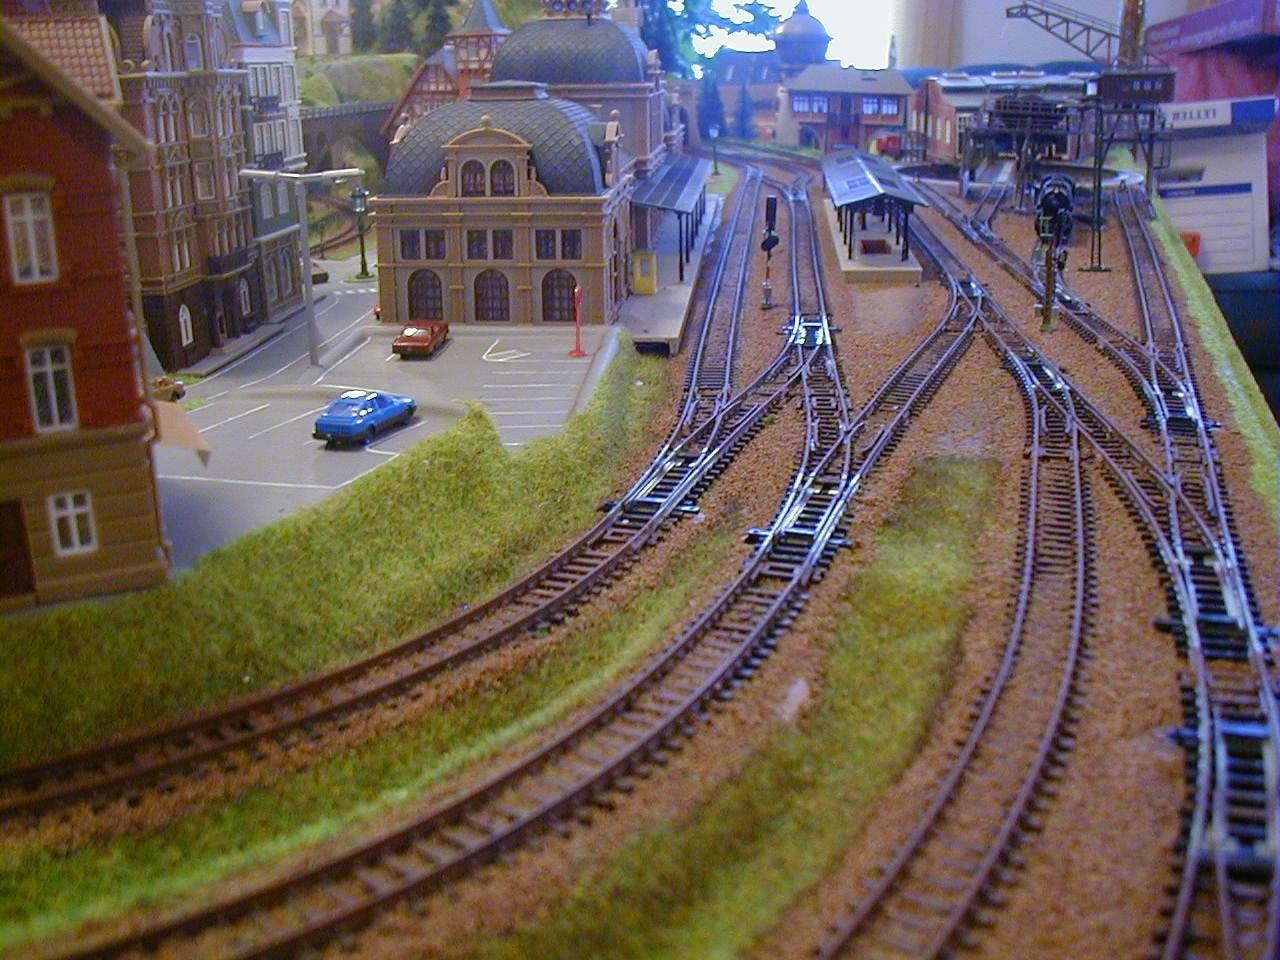 3' X 5' Outstanding N Scale Model Train Layout Image 4   Model rail